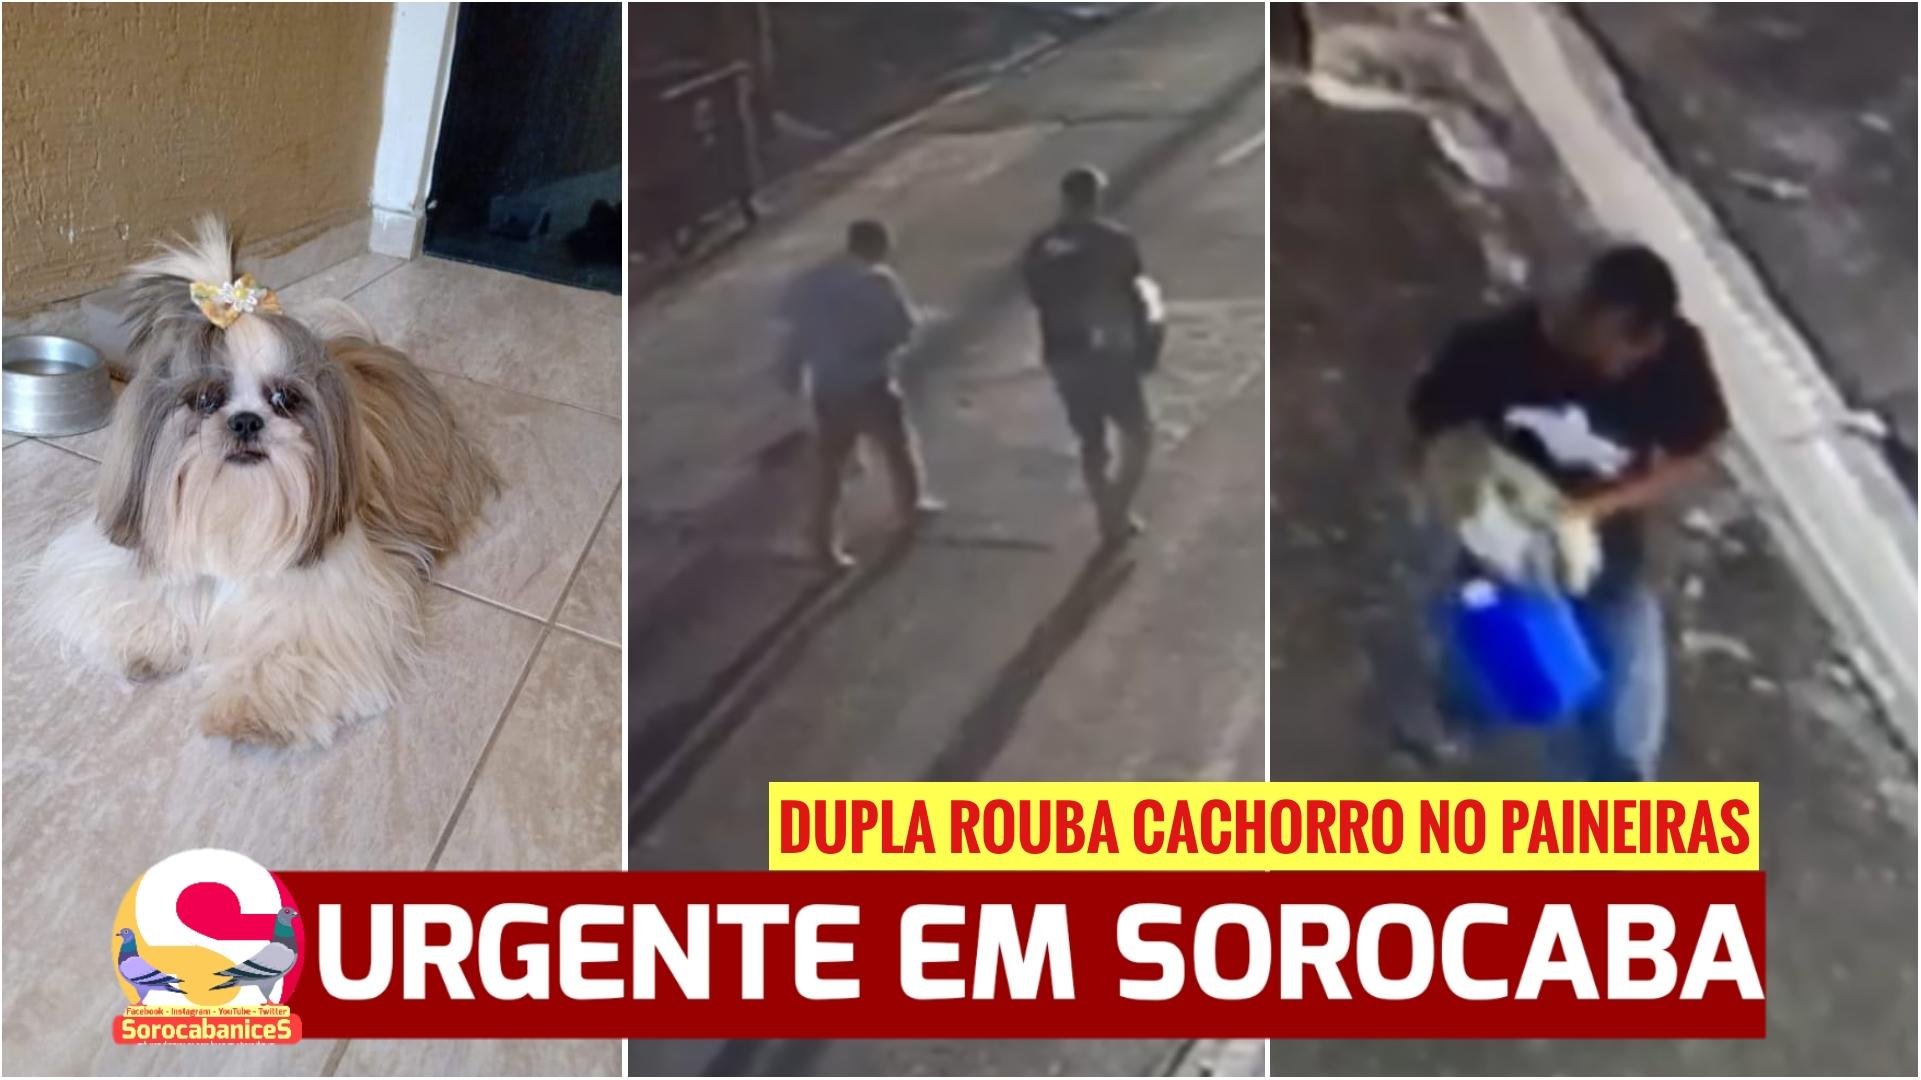 Criança chora por cão roubado em Sorocaba, vídeo mostra dupla com animal